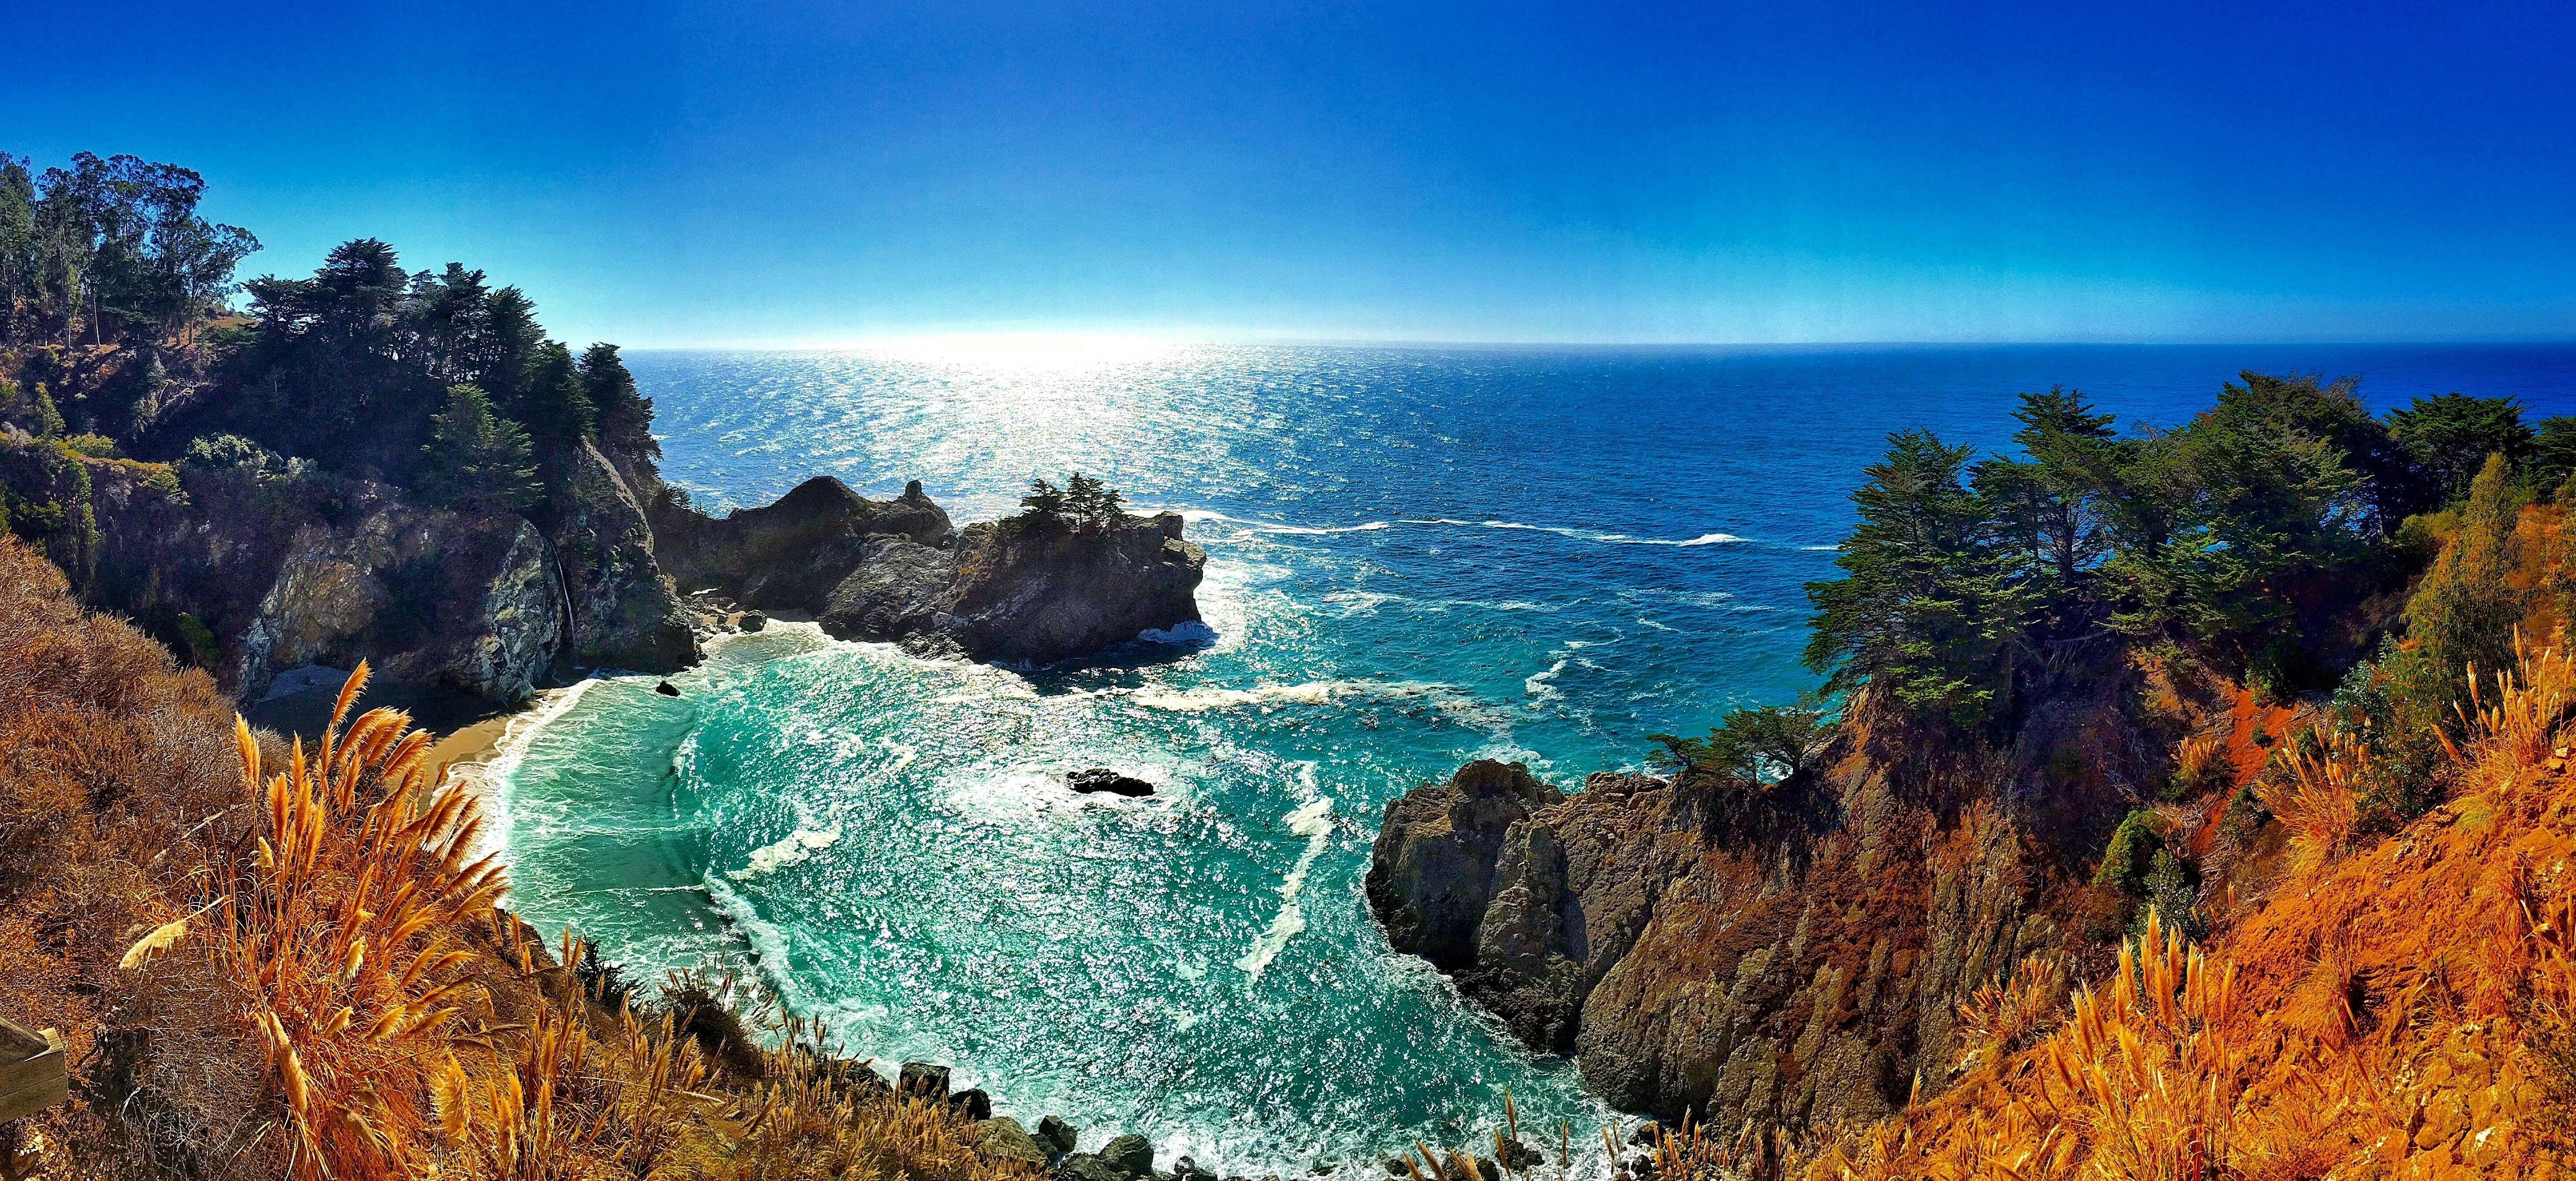 California 4K Wallpapers - Top Free California 4K ...